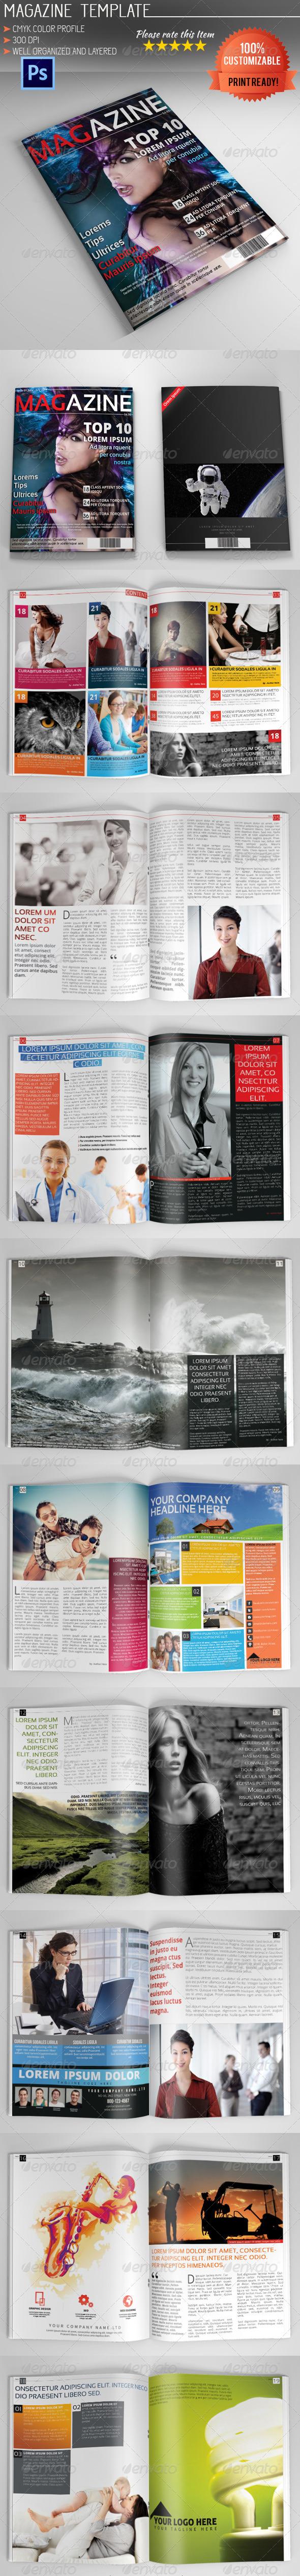 GraphicRiver Magazine Template Vol.3 5265329